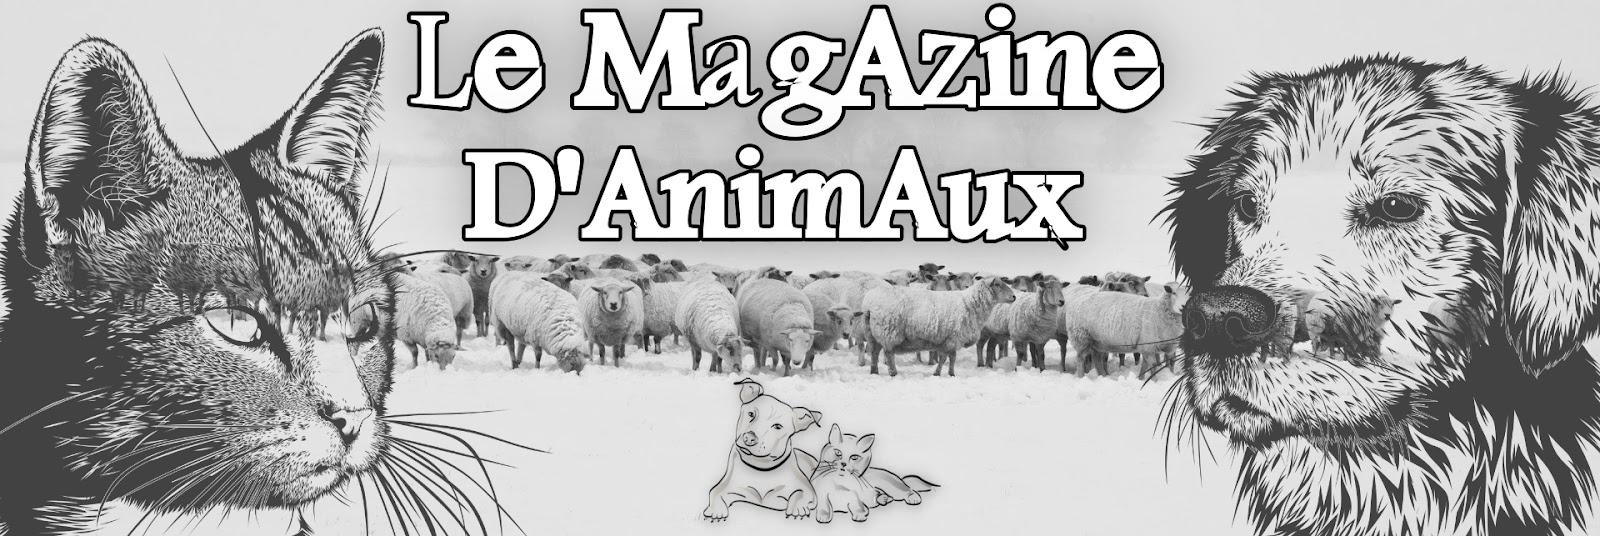 le magazine des animaux